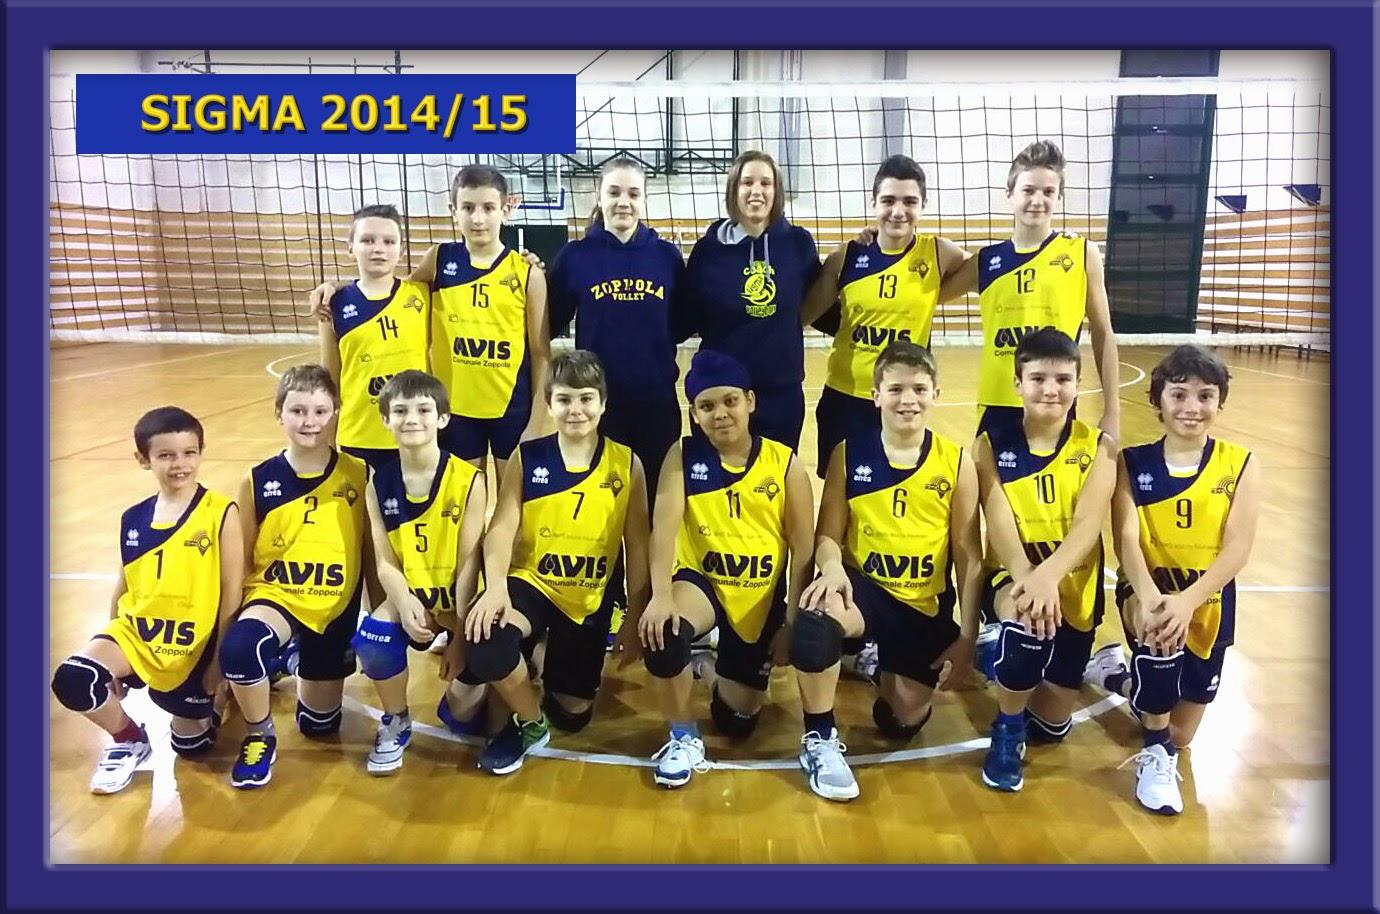 TUTTO IL MASCHILE 2014/15